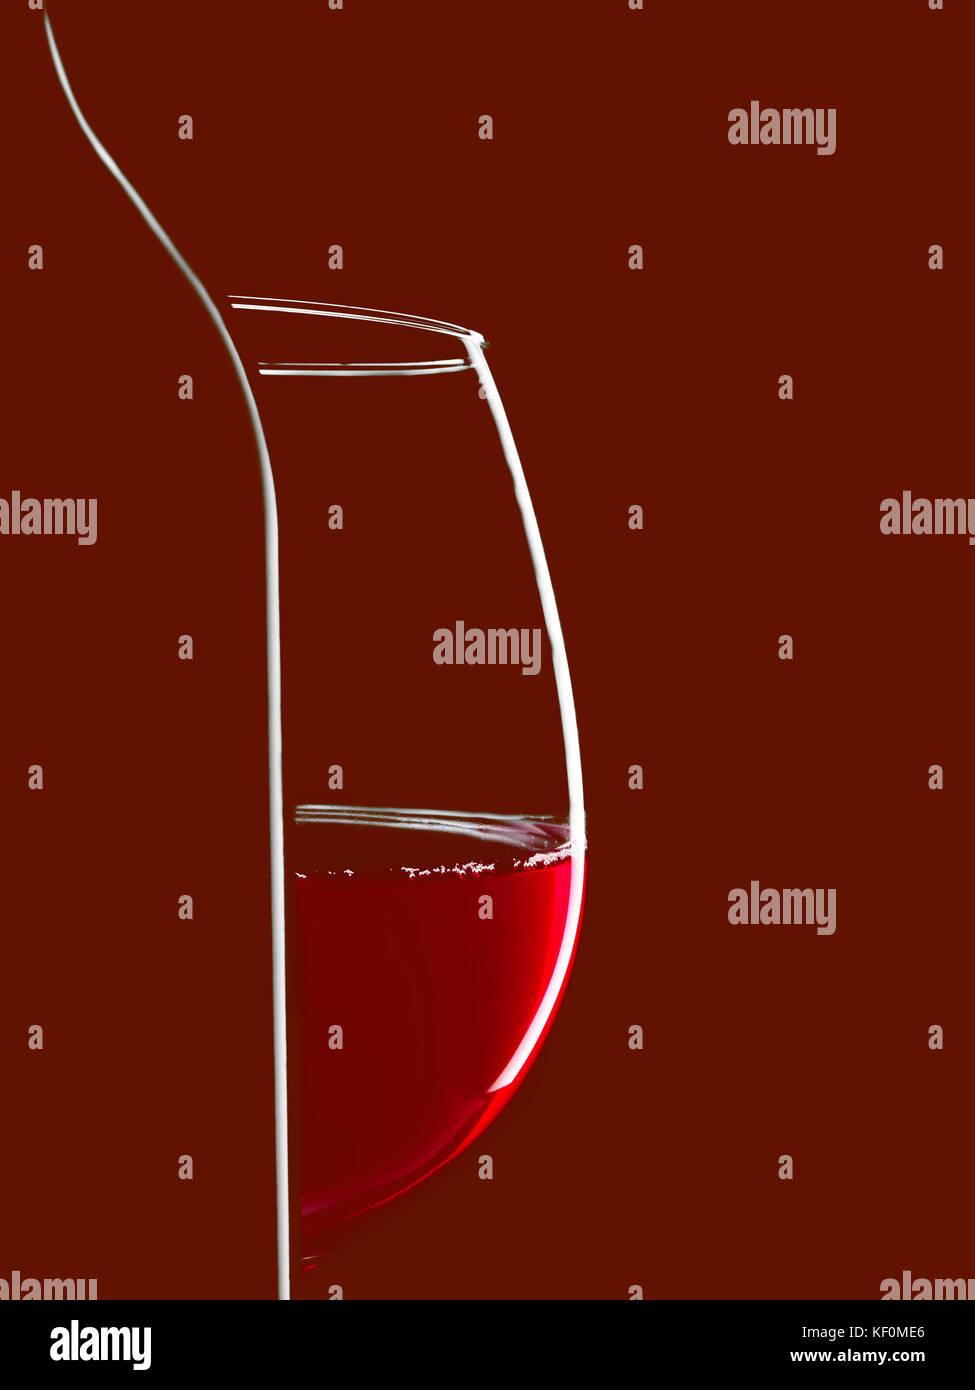 Elegante silhouette Flasche Rotwein und Glas auf schwarzen Hintergrund. Kontur mit Farbverlauf und Highlights Stockbild